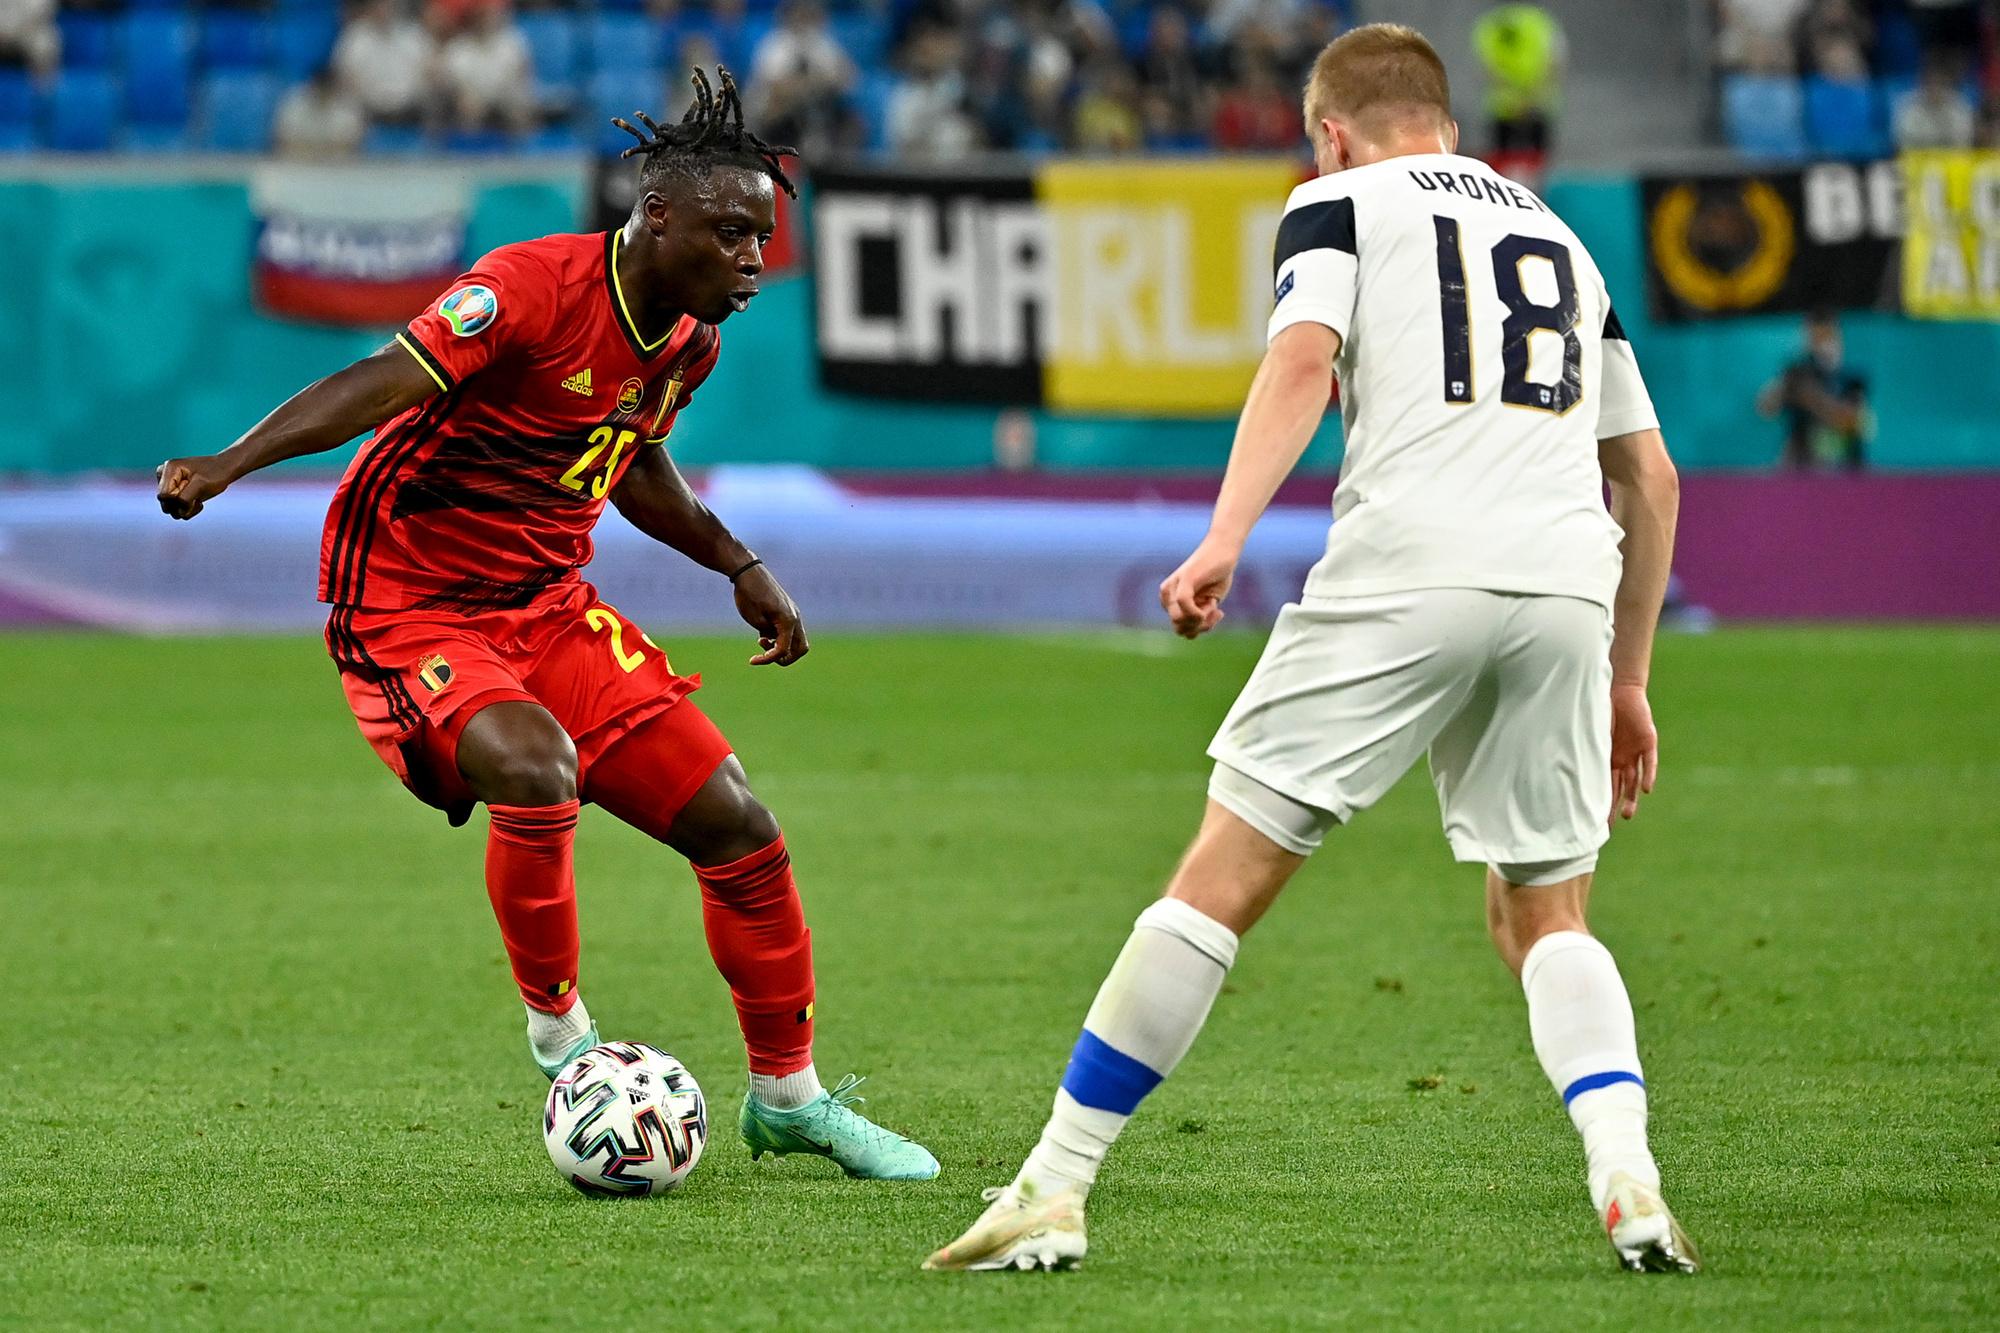 Jérémy Doku, de jongste speler in beide kernen, GETTY